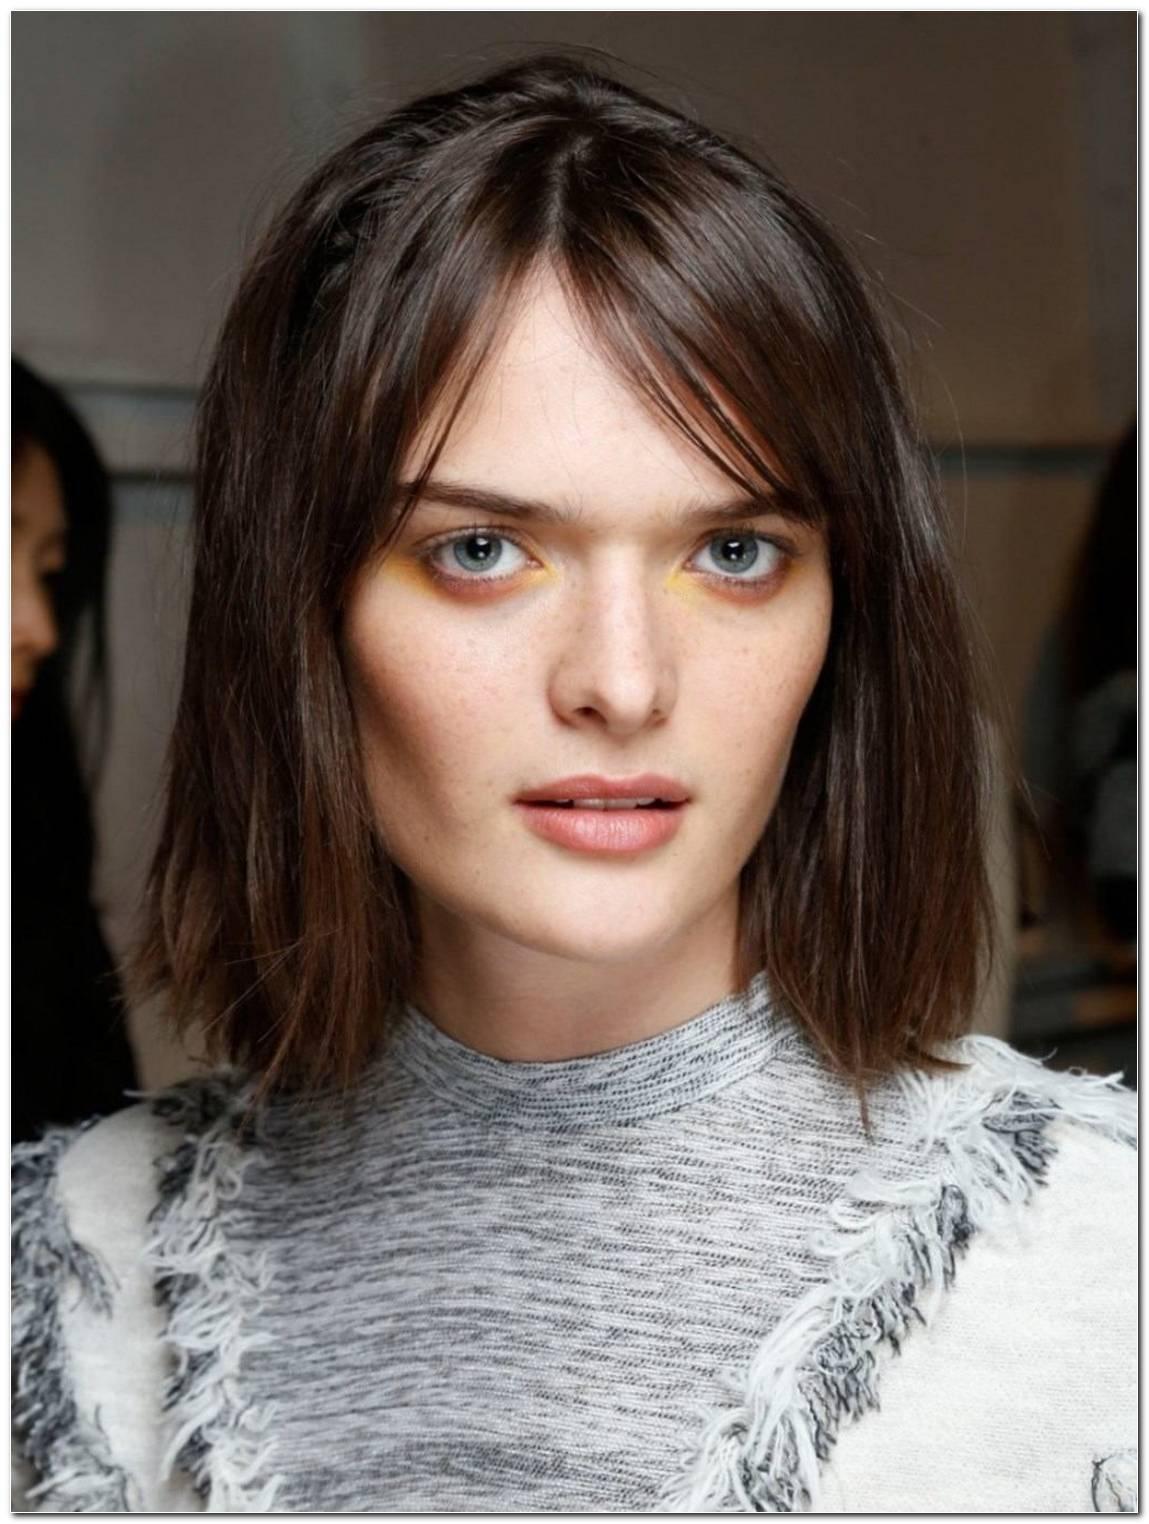 Frisuren Halblang Volles Haar